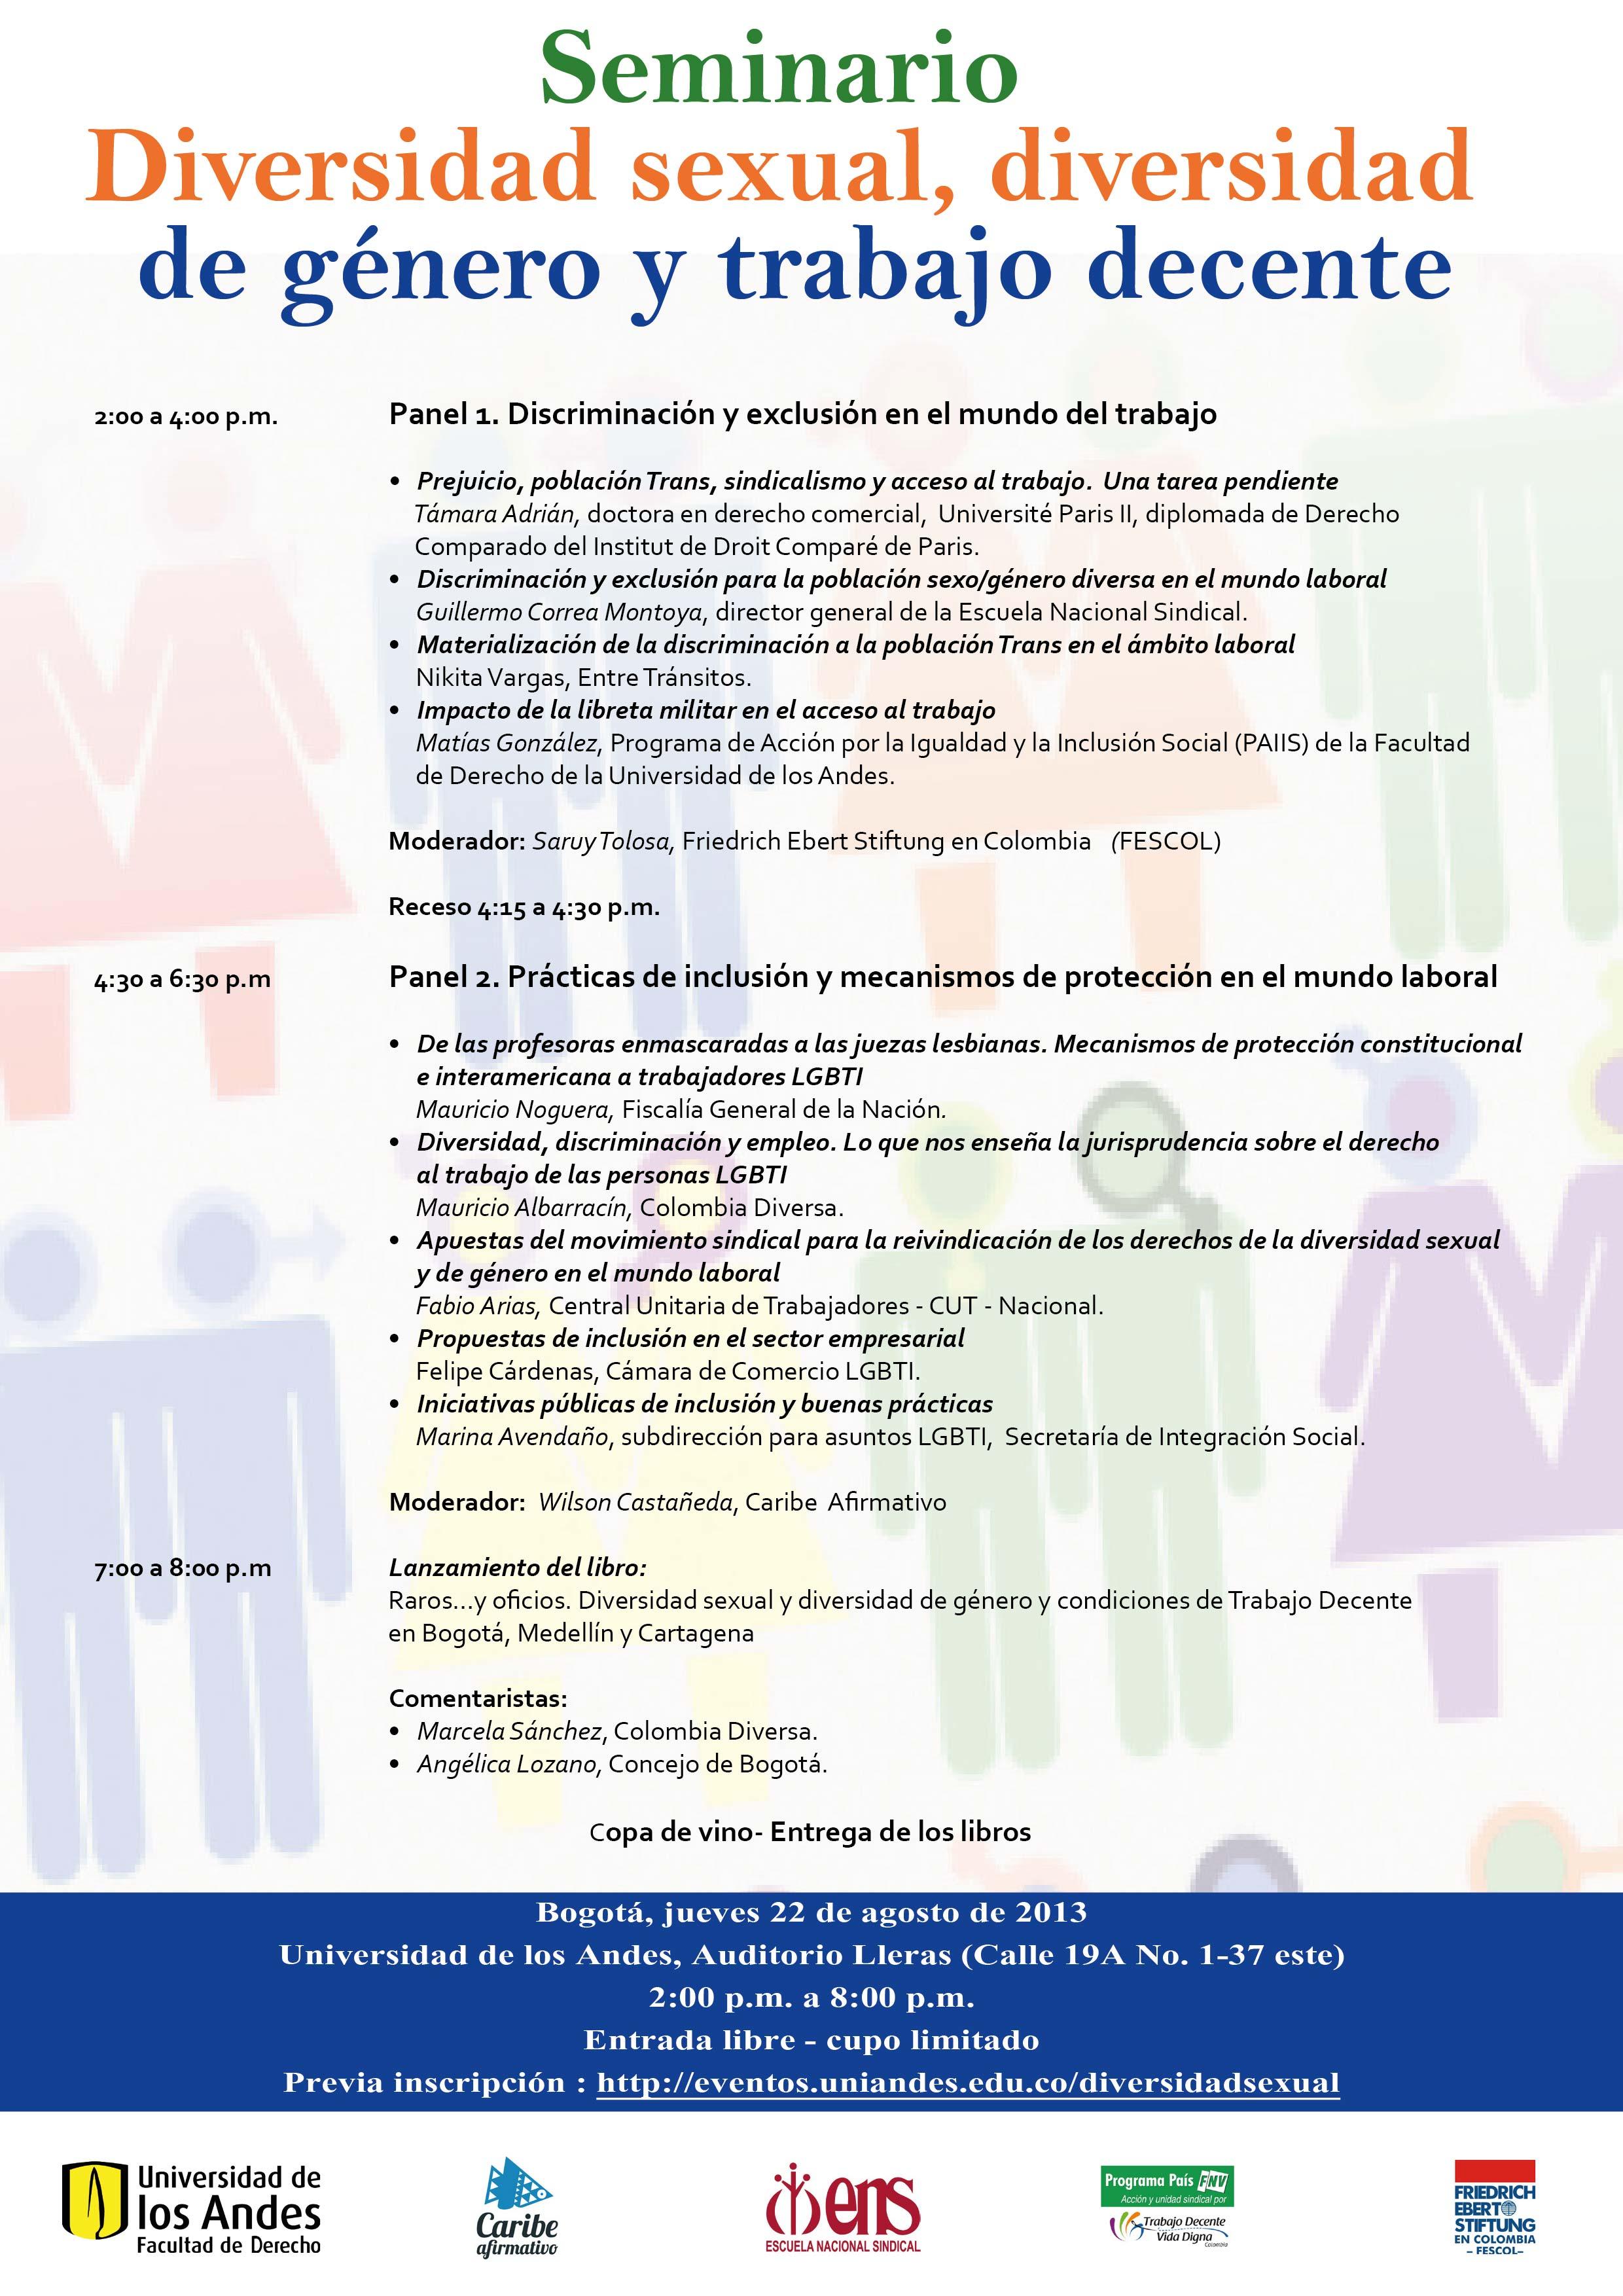 invitacionfinal22agosto-01